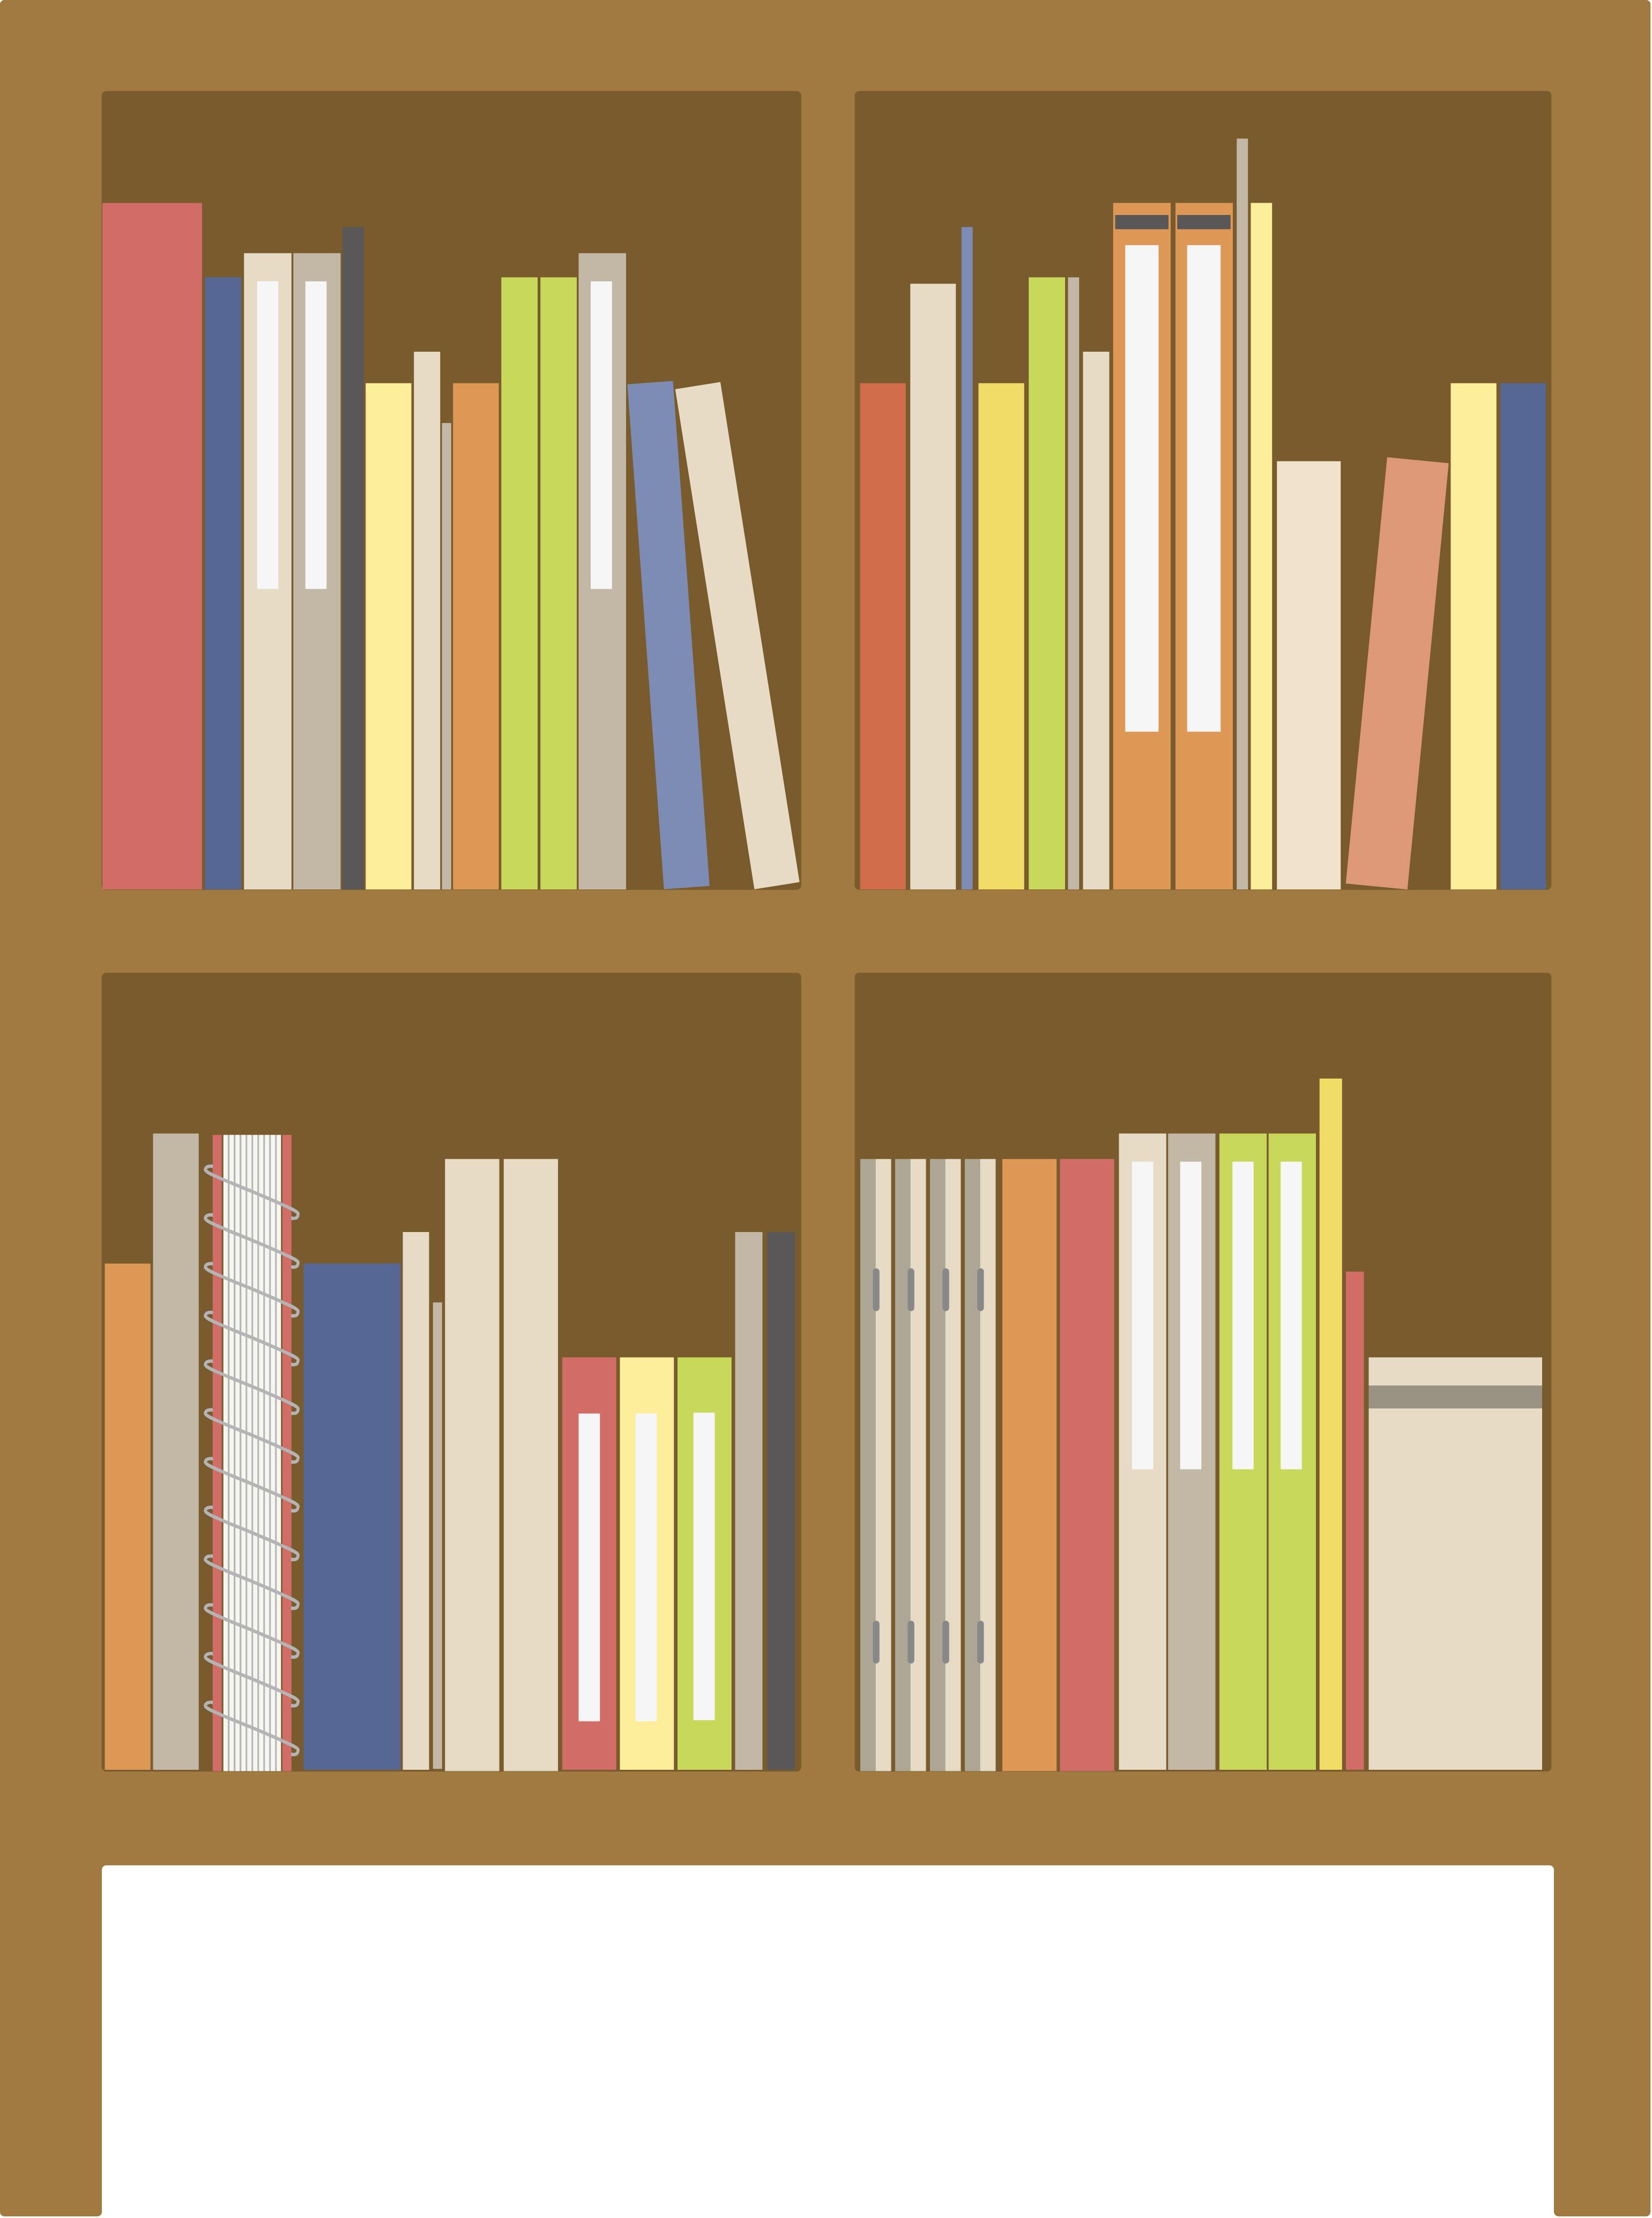 本好きオススメ!芥川賞受賞作品、村田沙耶香著「コンビニ人間」感想と押さえる3つのポイント